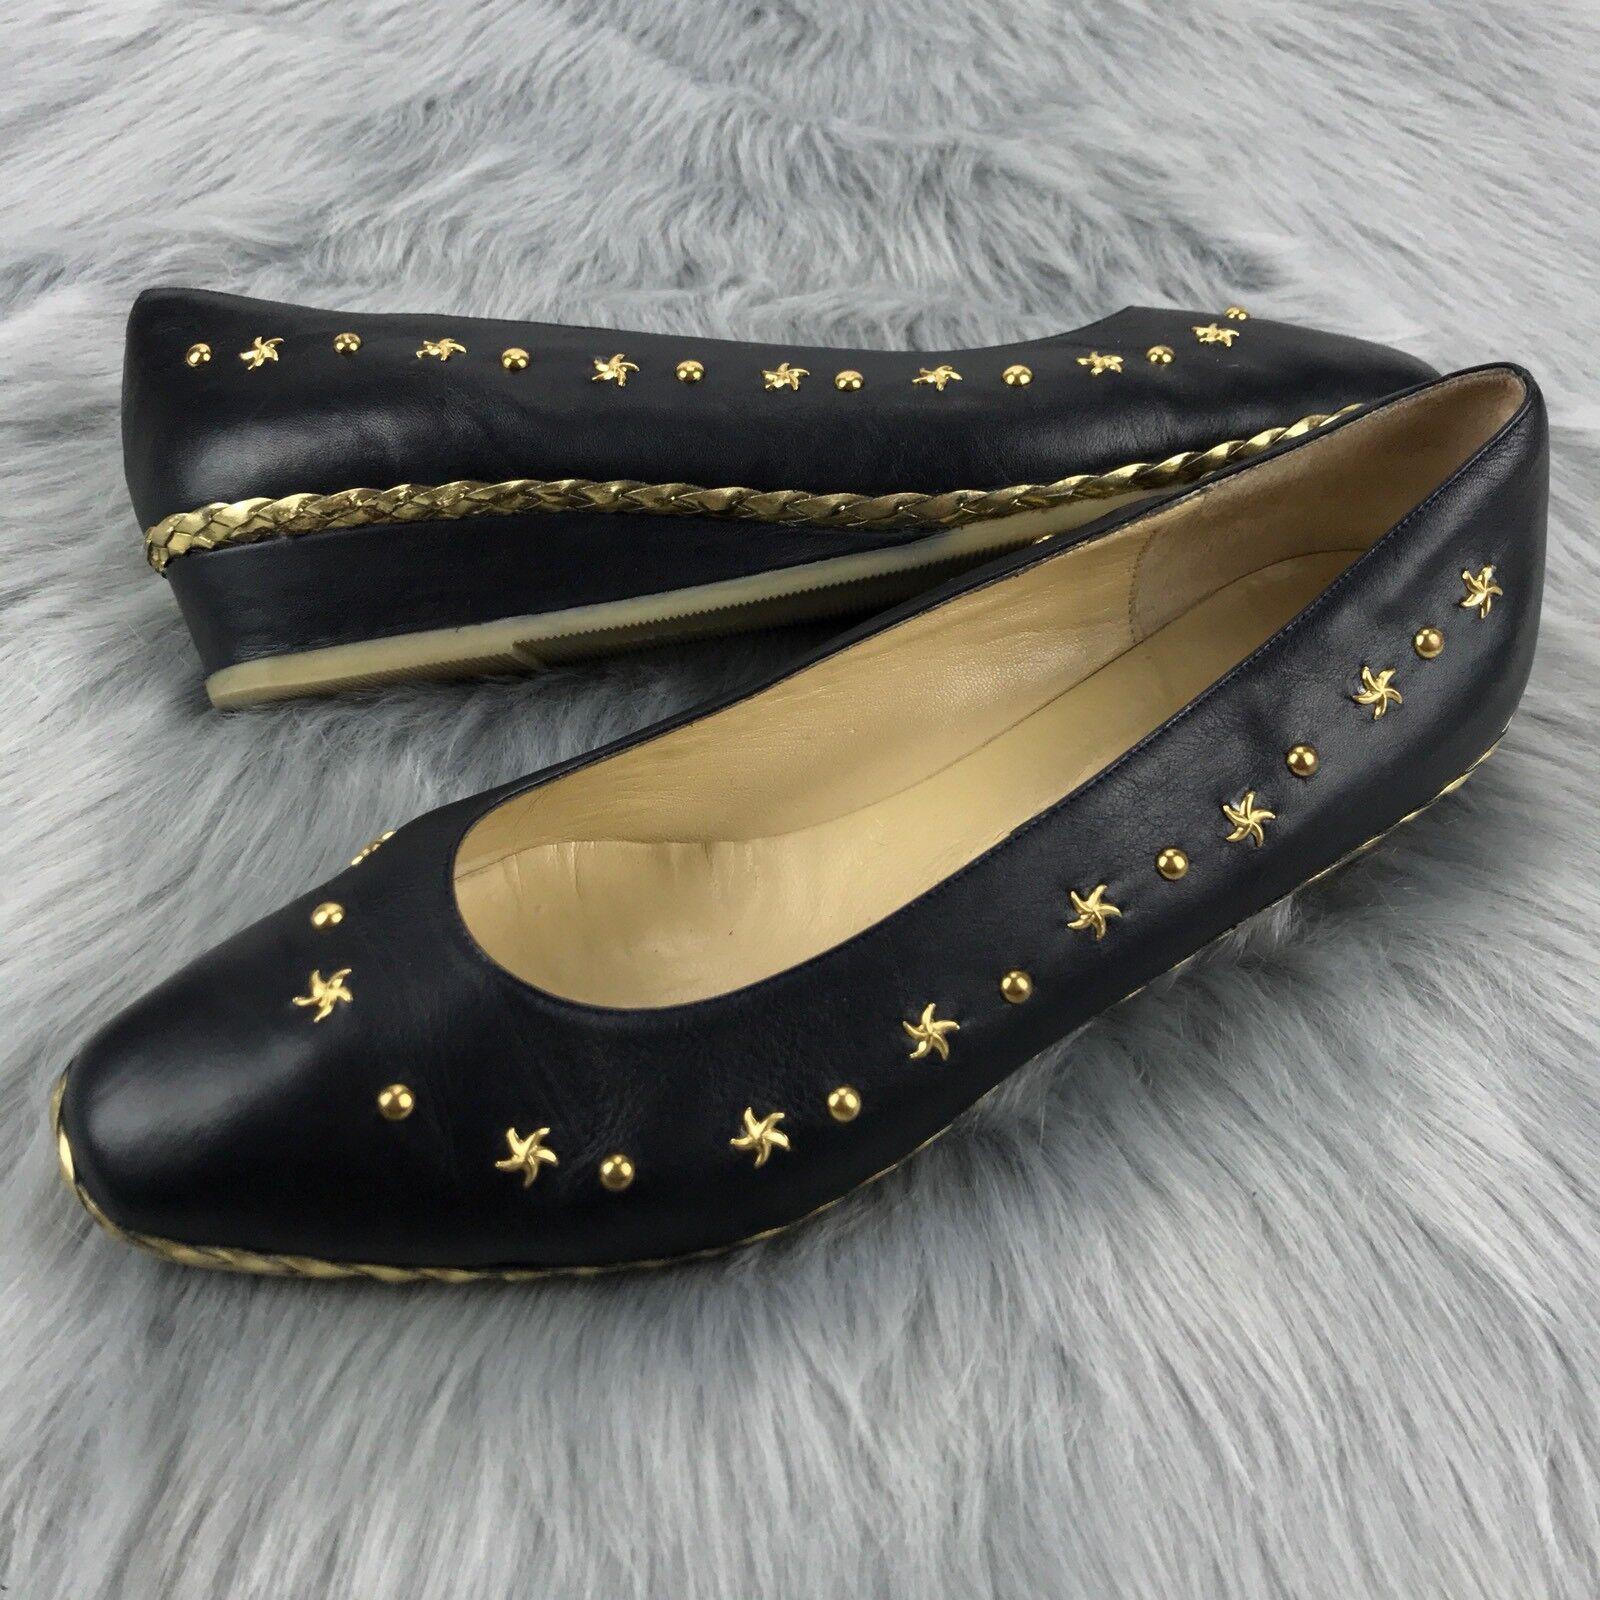 ordina ora i prezzi più bassi BALLY SAKKANE donna 9 9 9 39.5 oro Studs Dressy nero Patent Leather Loafers Flats  al prezzo più basso